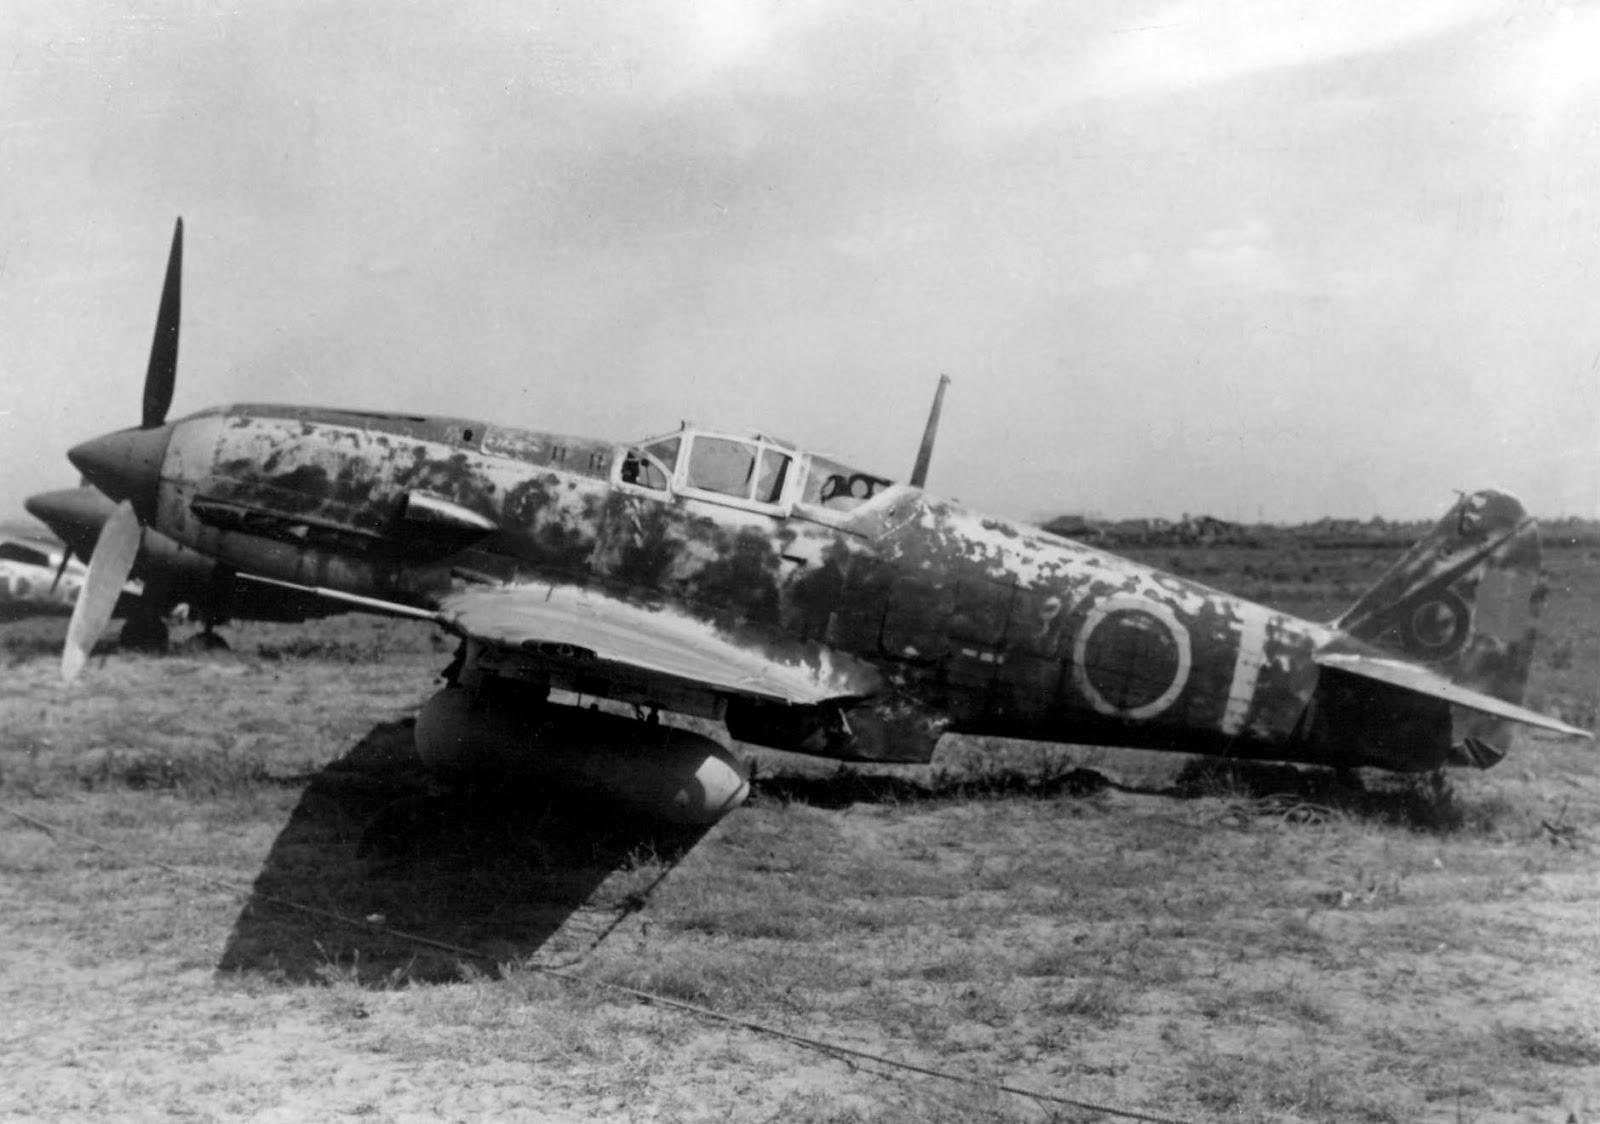 掃除機庵主人: オーストリア人は、帝国陸軍航空隊三式戦闘機「飛燕」(キ61)よりすごいらしい。